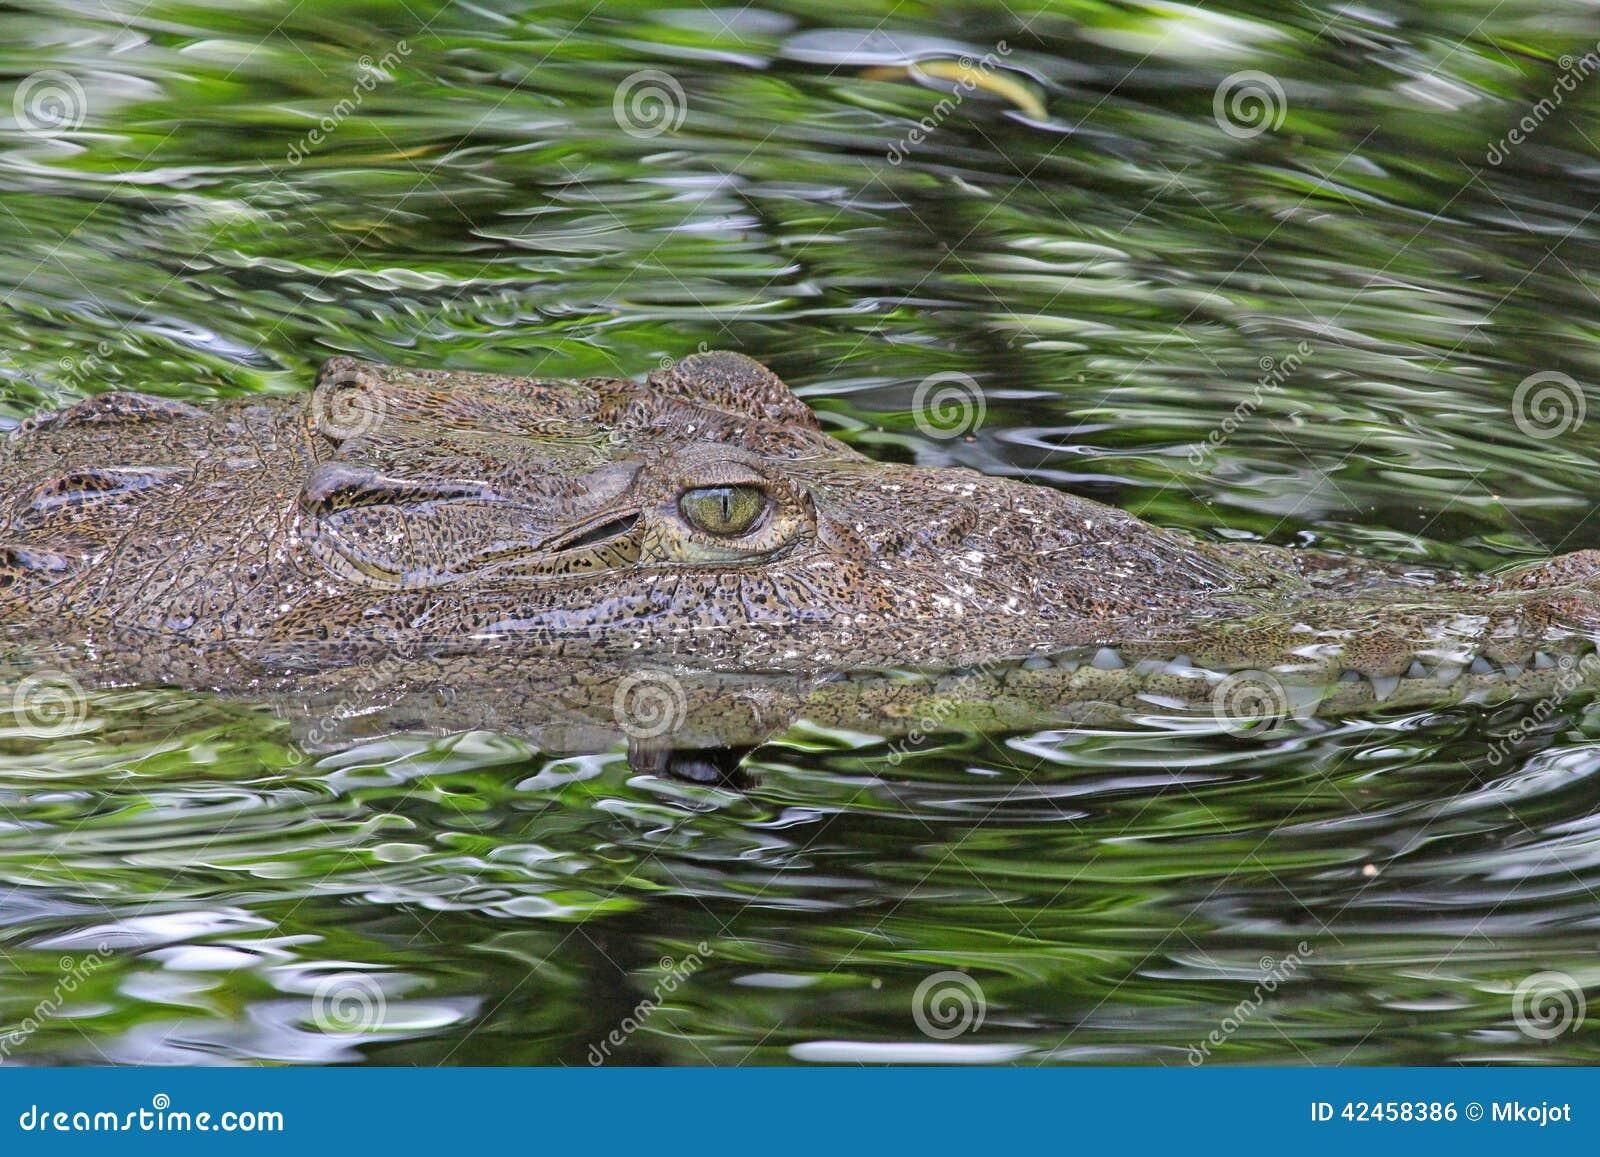 Kopf des amerikanischen Krokodils im Wasser im Profil